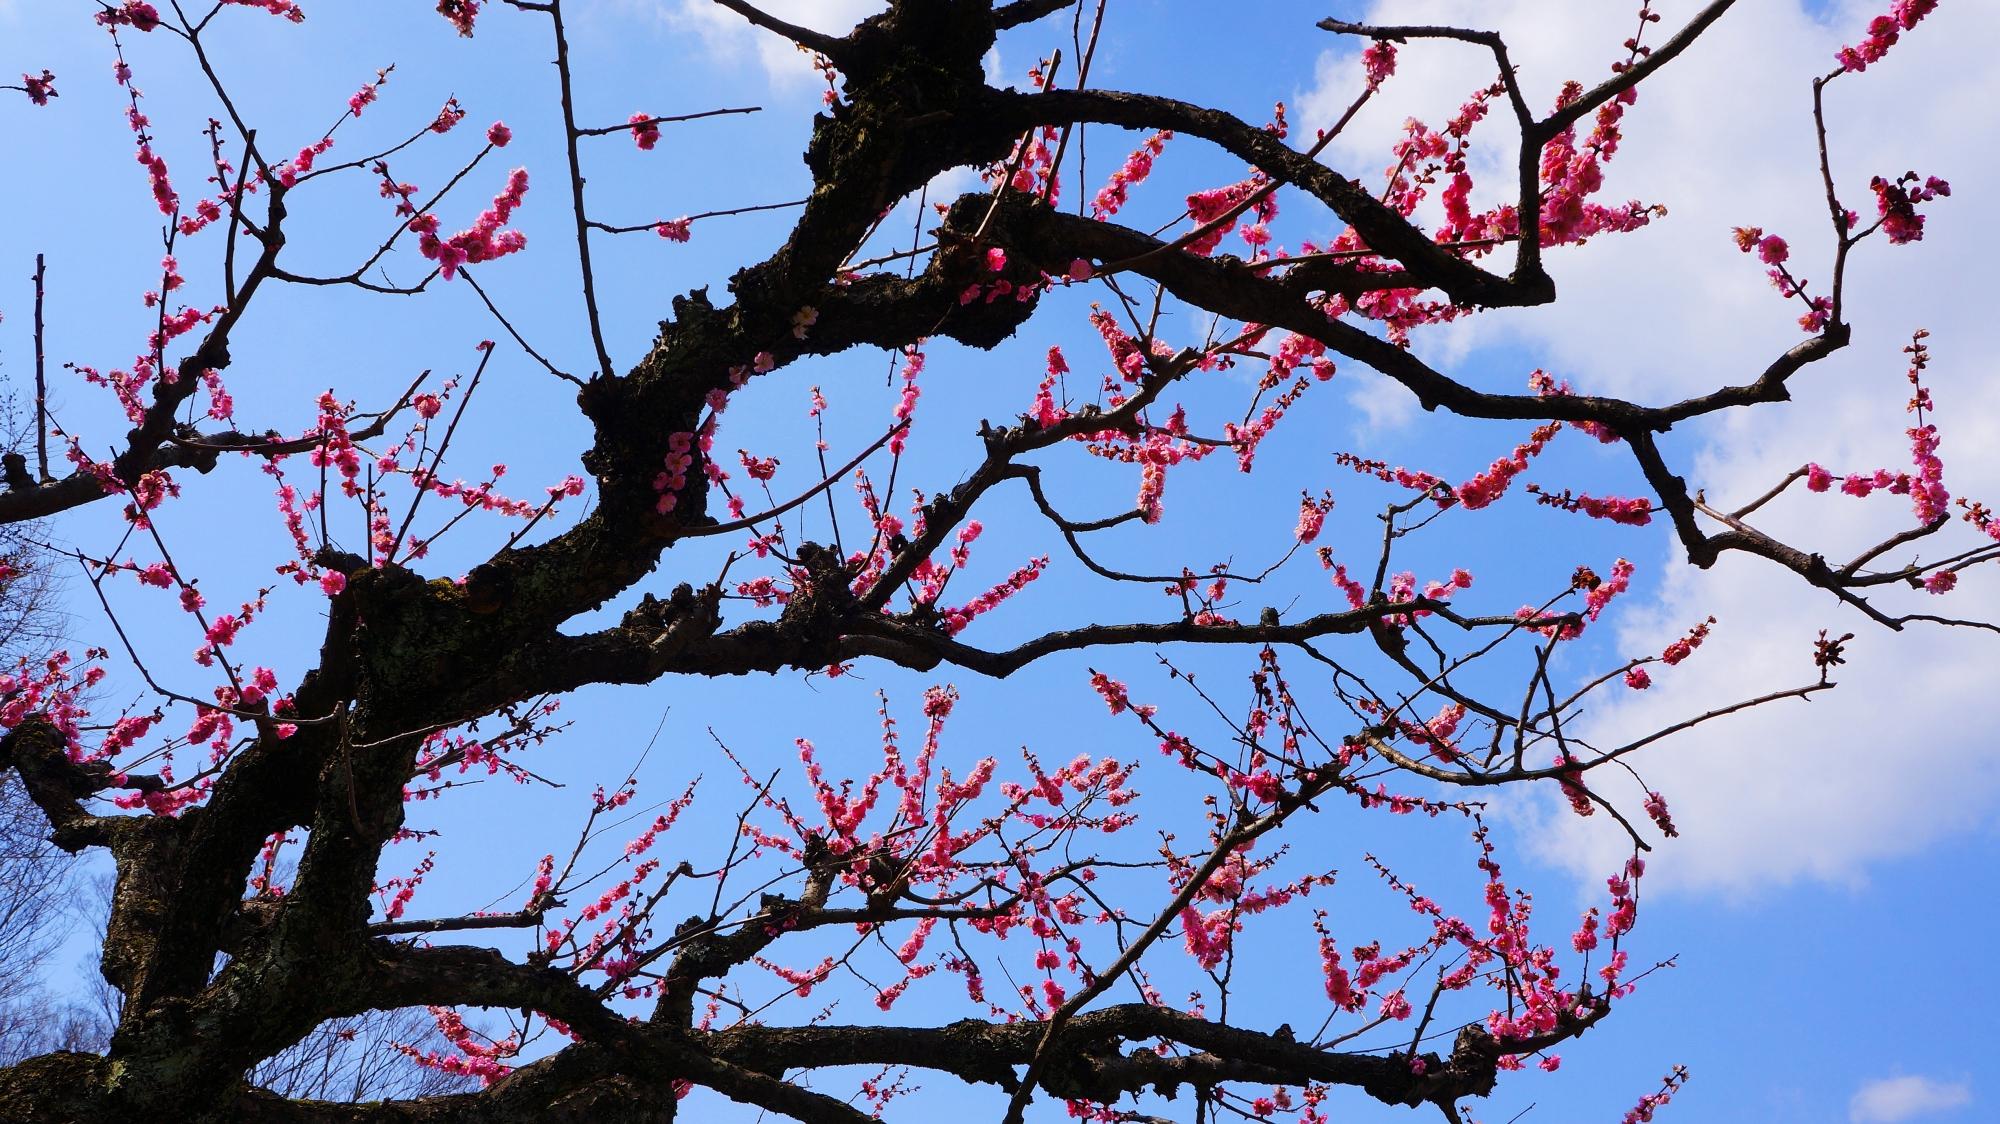 縦横無尽に無邪気に遊ぶような梅の枝